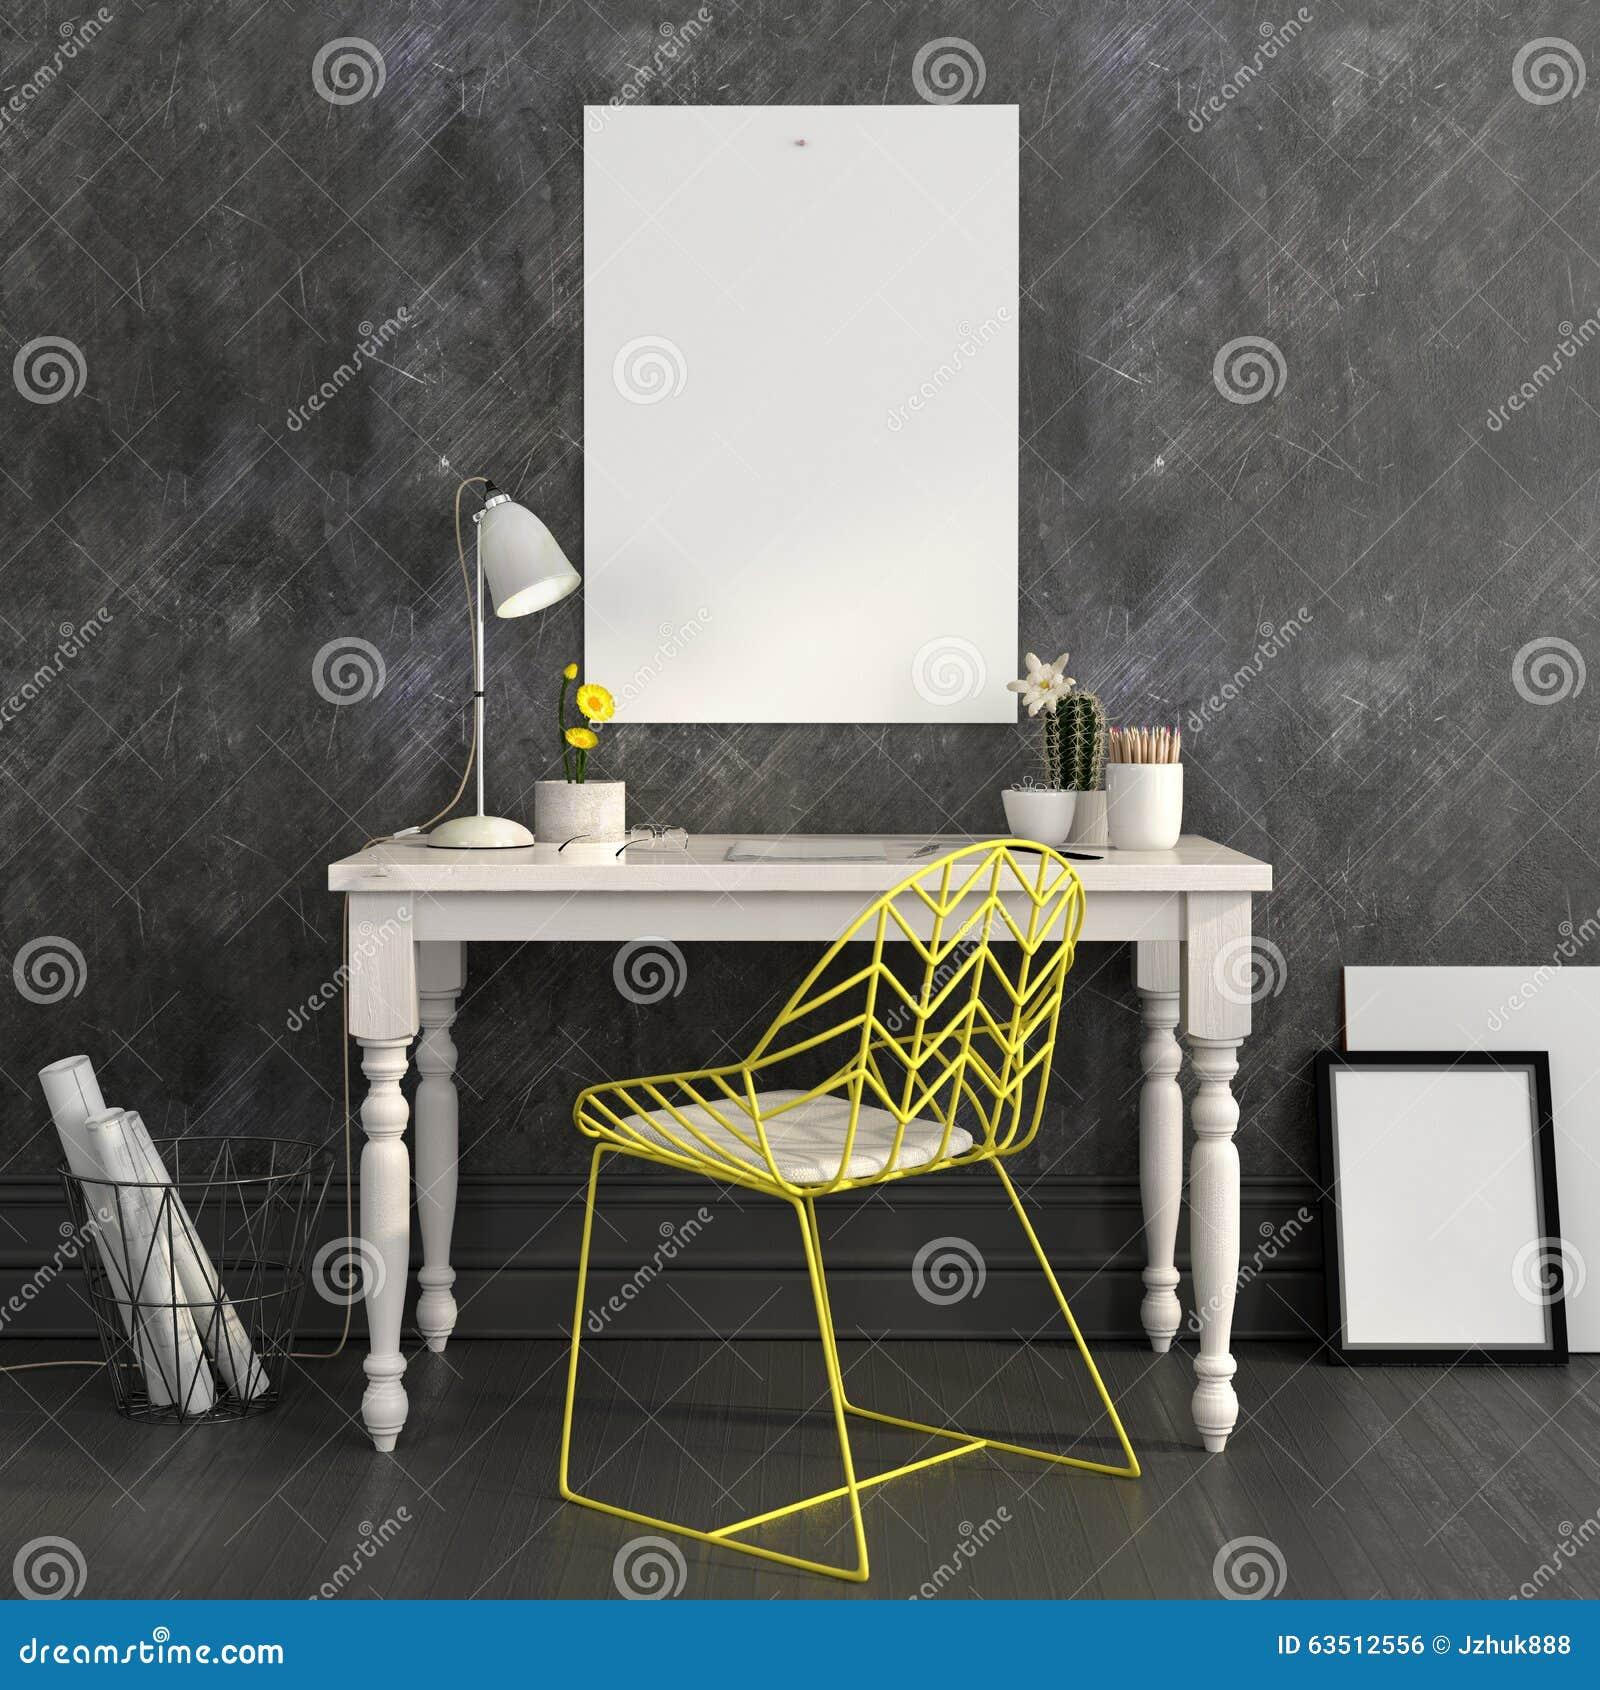 Εργασιακός χώρος με μια φωτεινή κίτρινη καρέκλα και μια χλεύη επάνω